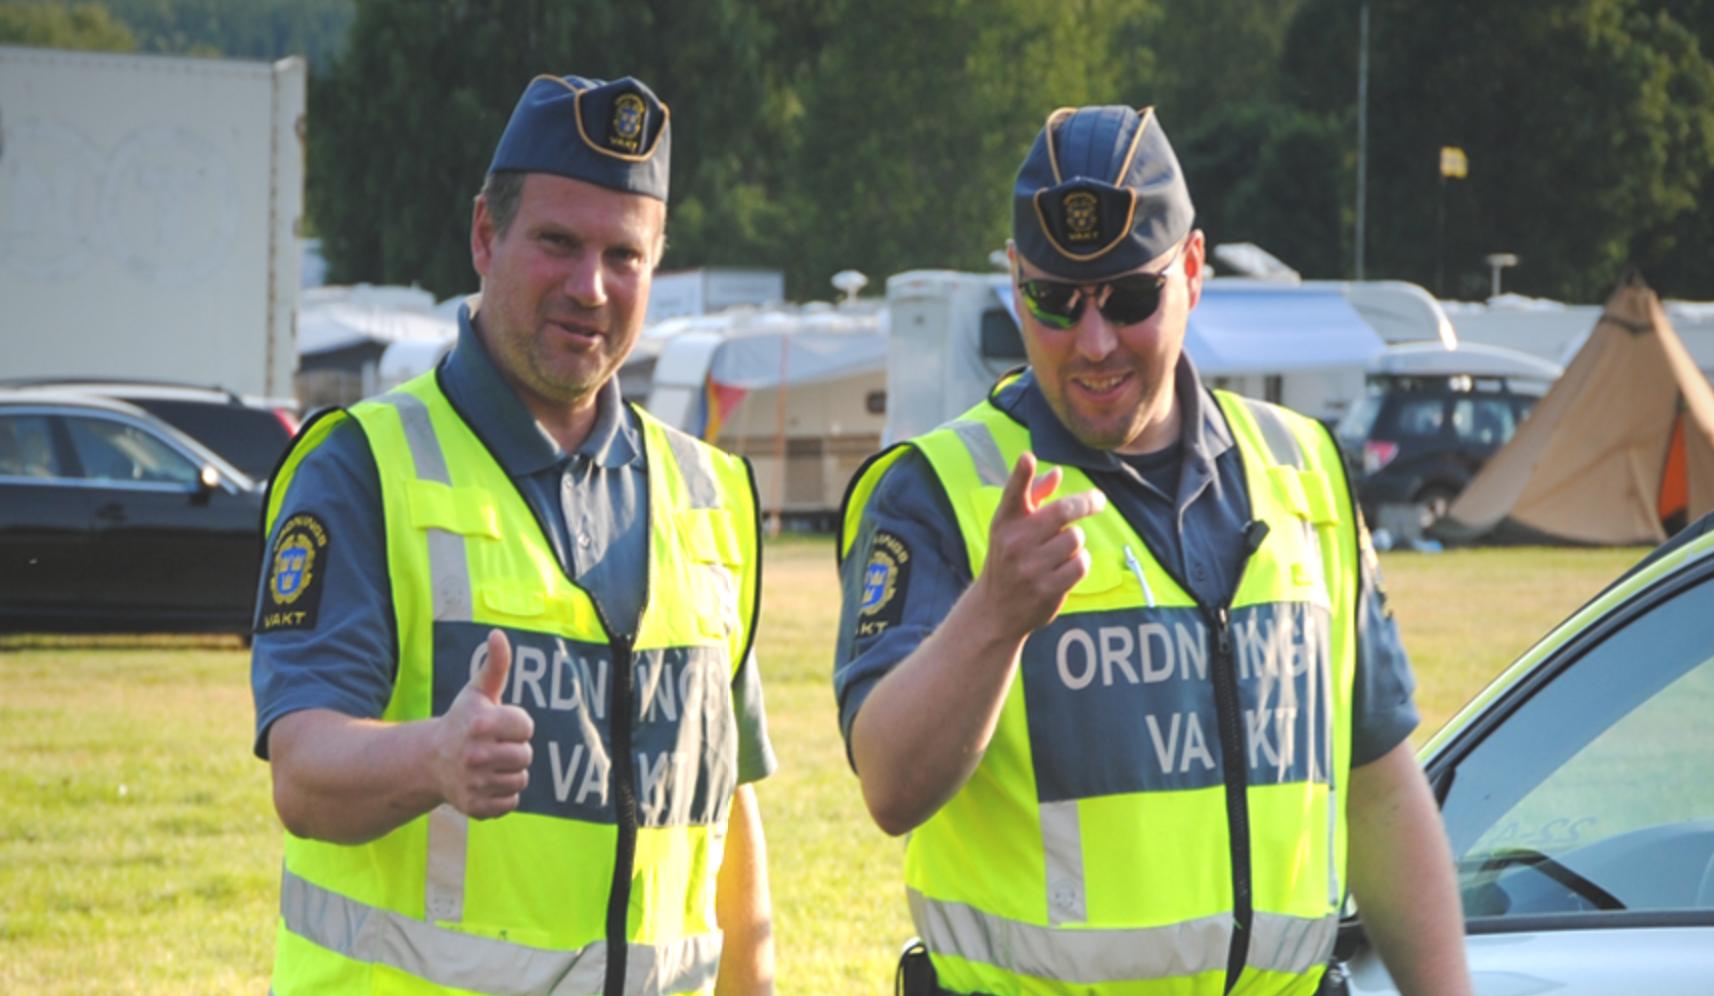 Välkommen till Ordningsvaktservice Karlstad